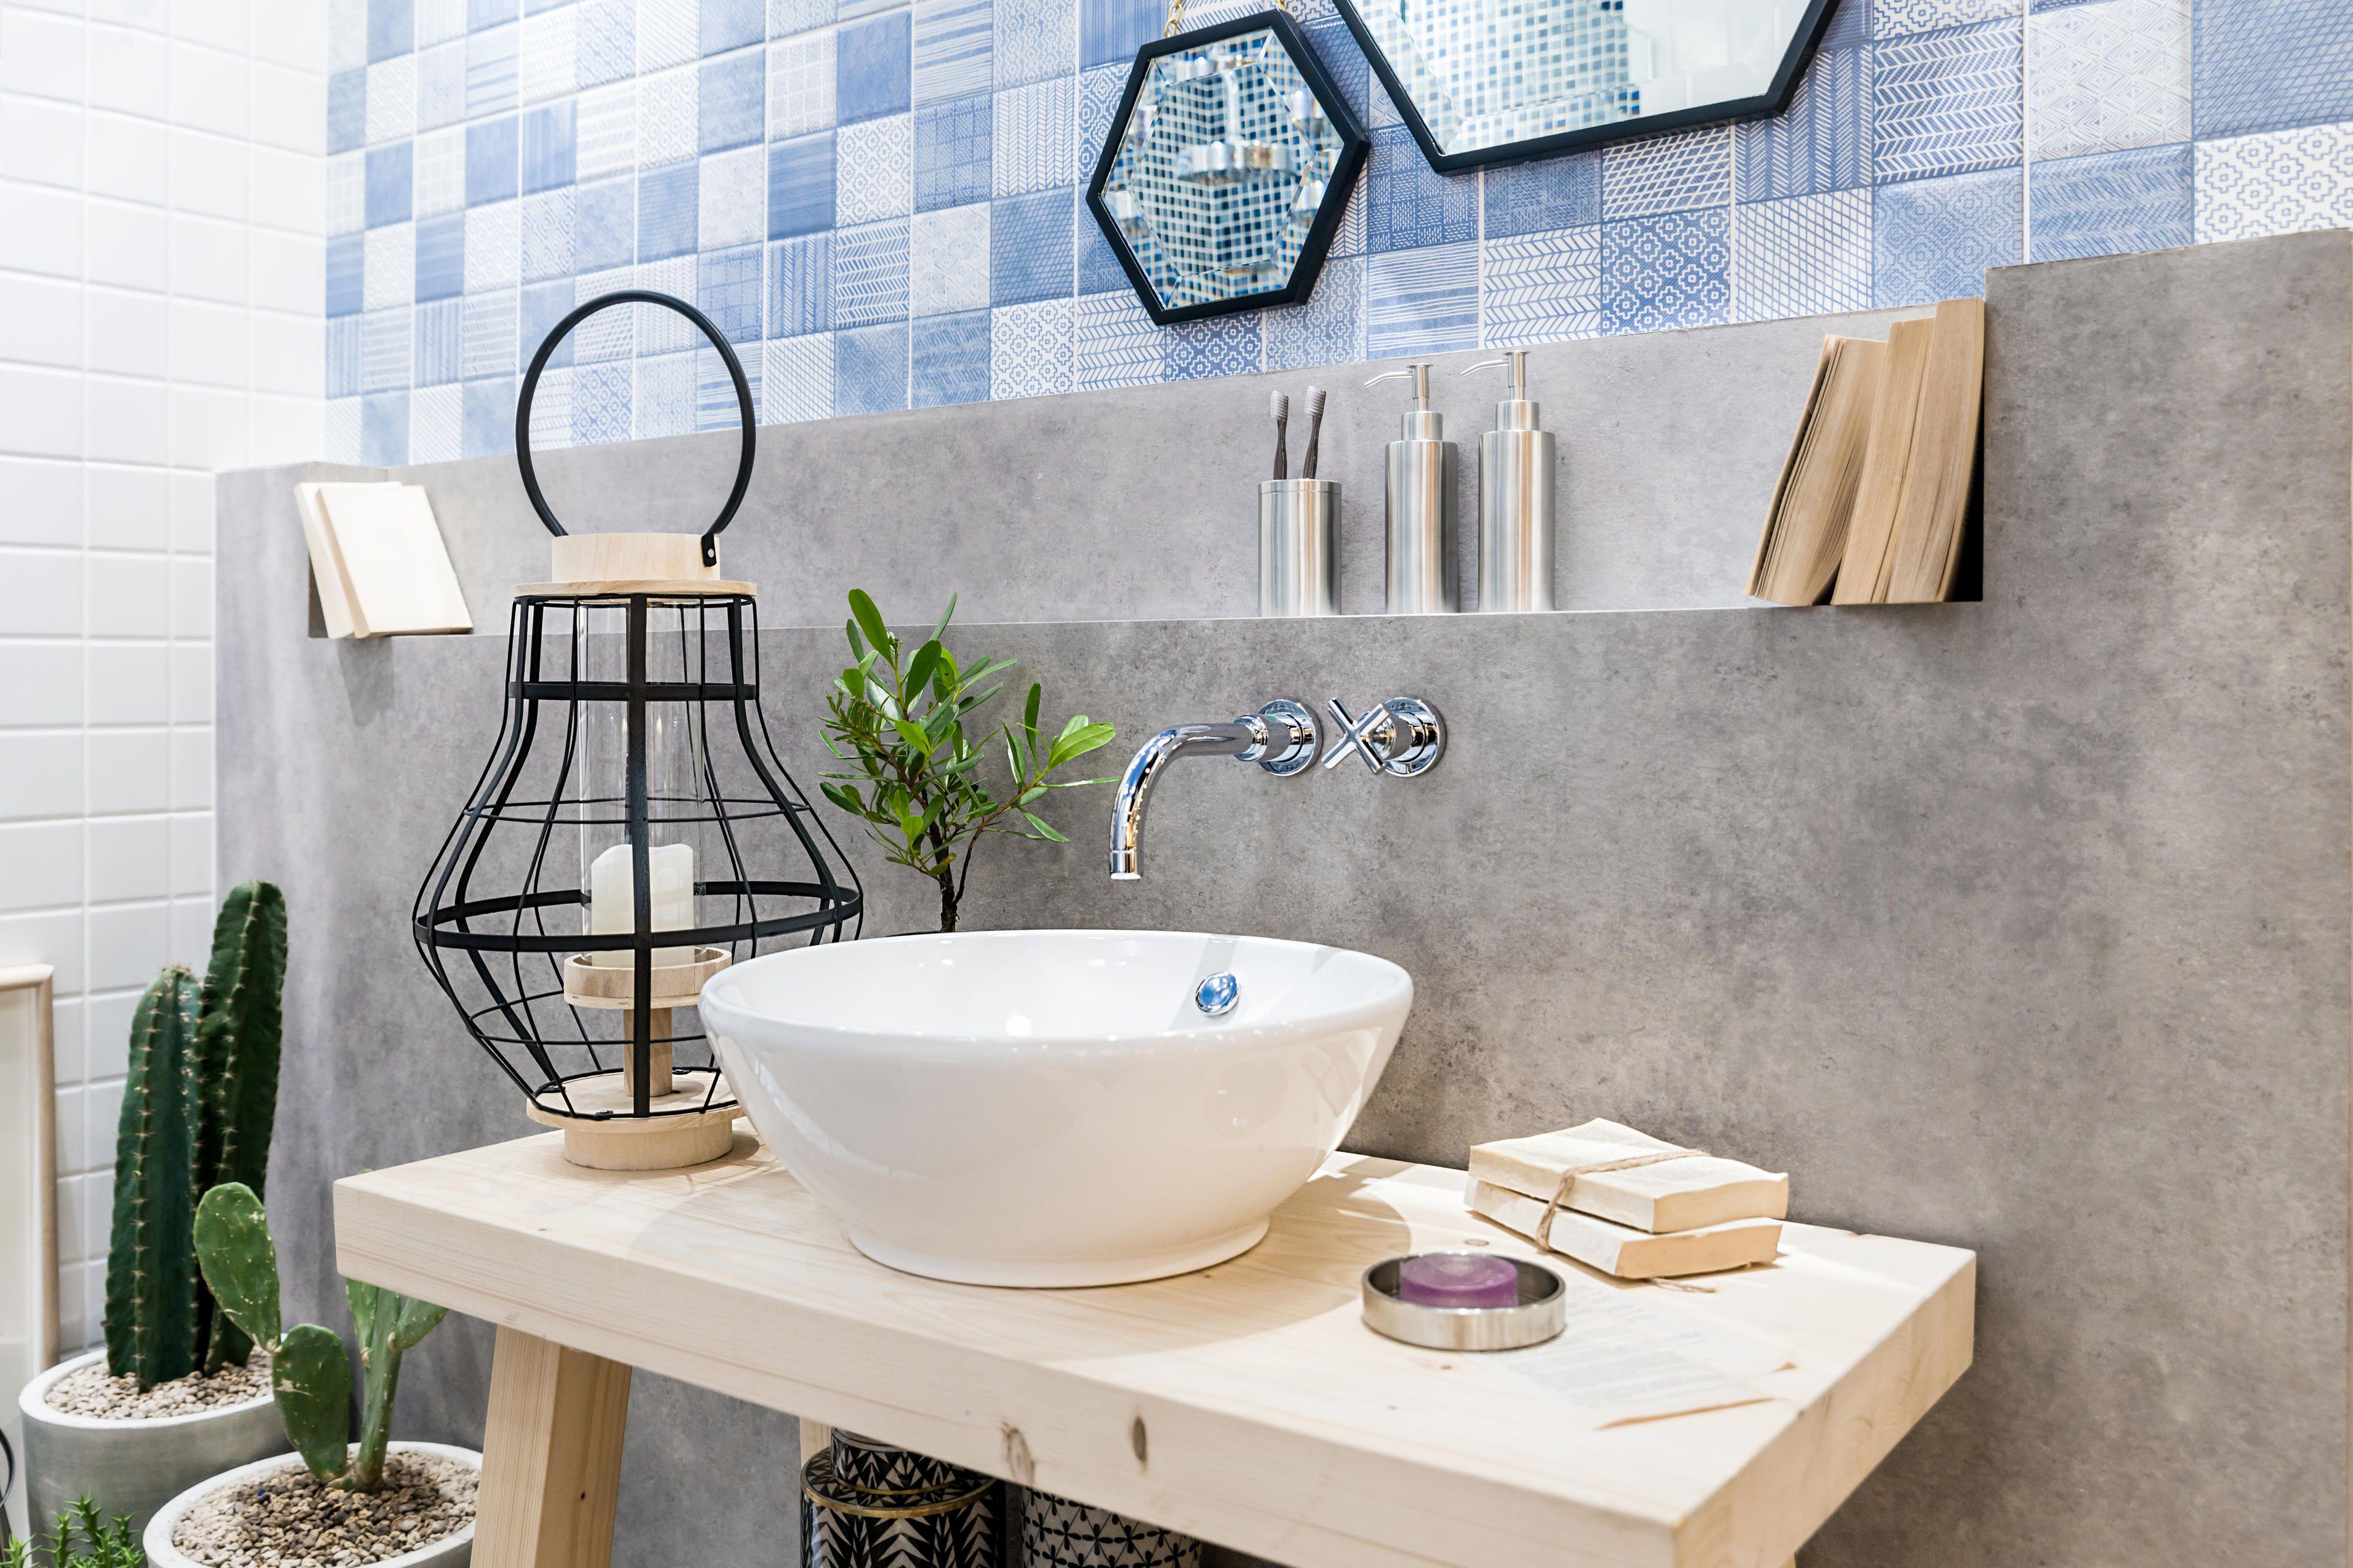 Badezimmer Deko Ideen Zum Wohlf Hlen Diydekorationenbadezimmer Dekorationenbadezimmer Dekorbadezimmer Dekorbadezimmer In 2020 Badezimmer Deko Badezimmer Deko